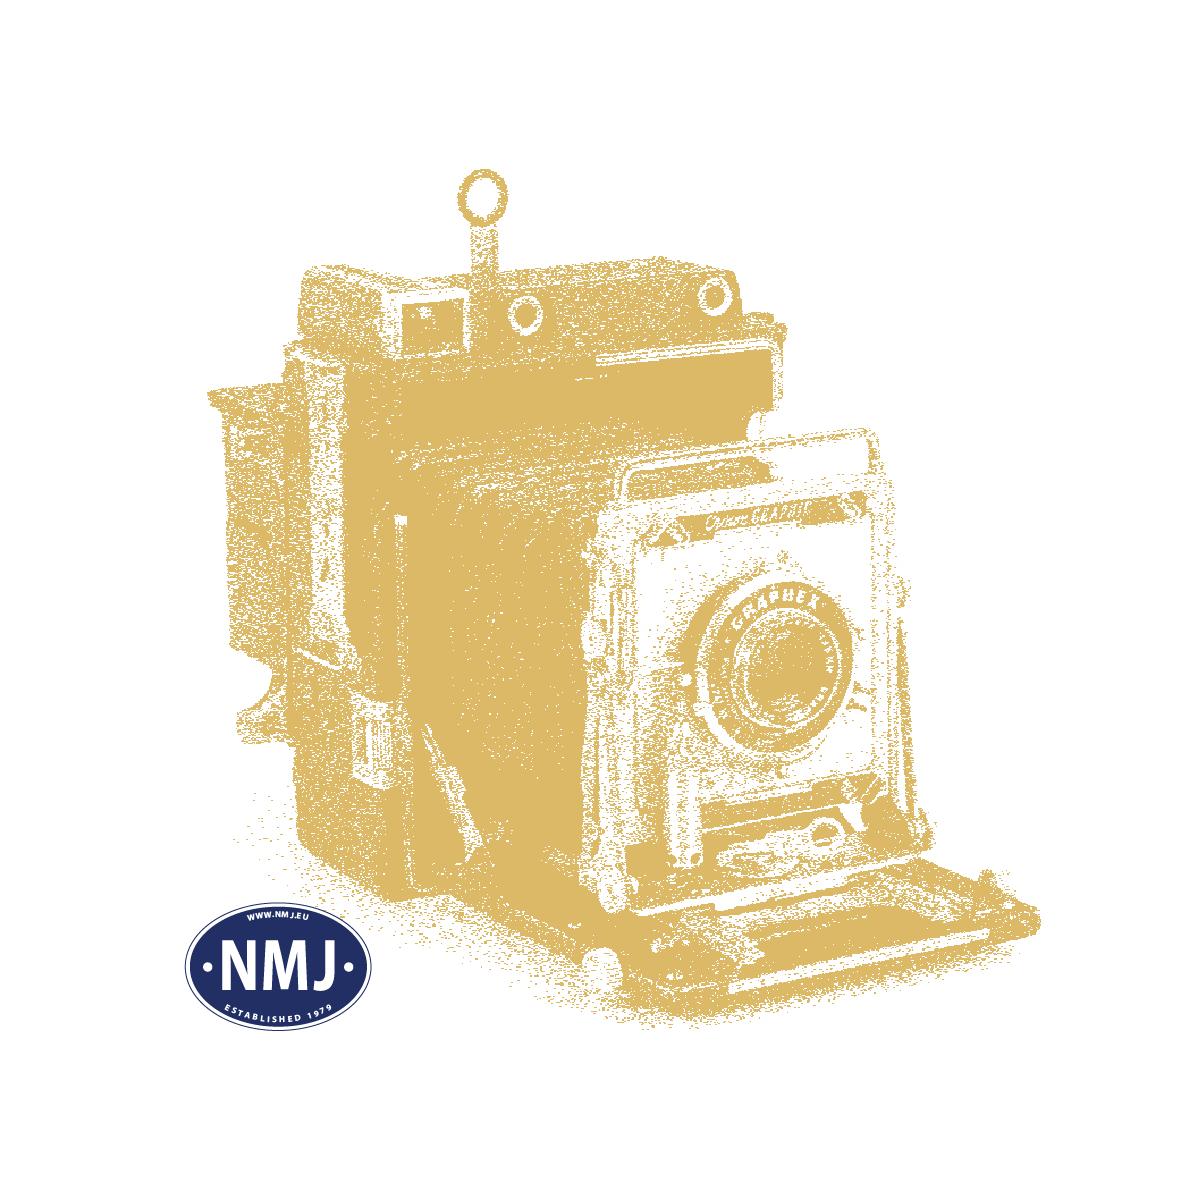 NMJT501.301 - NMJ Topline Os 2176-3700399-7 Rungenwagen der NSB mit Beladung